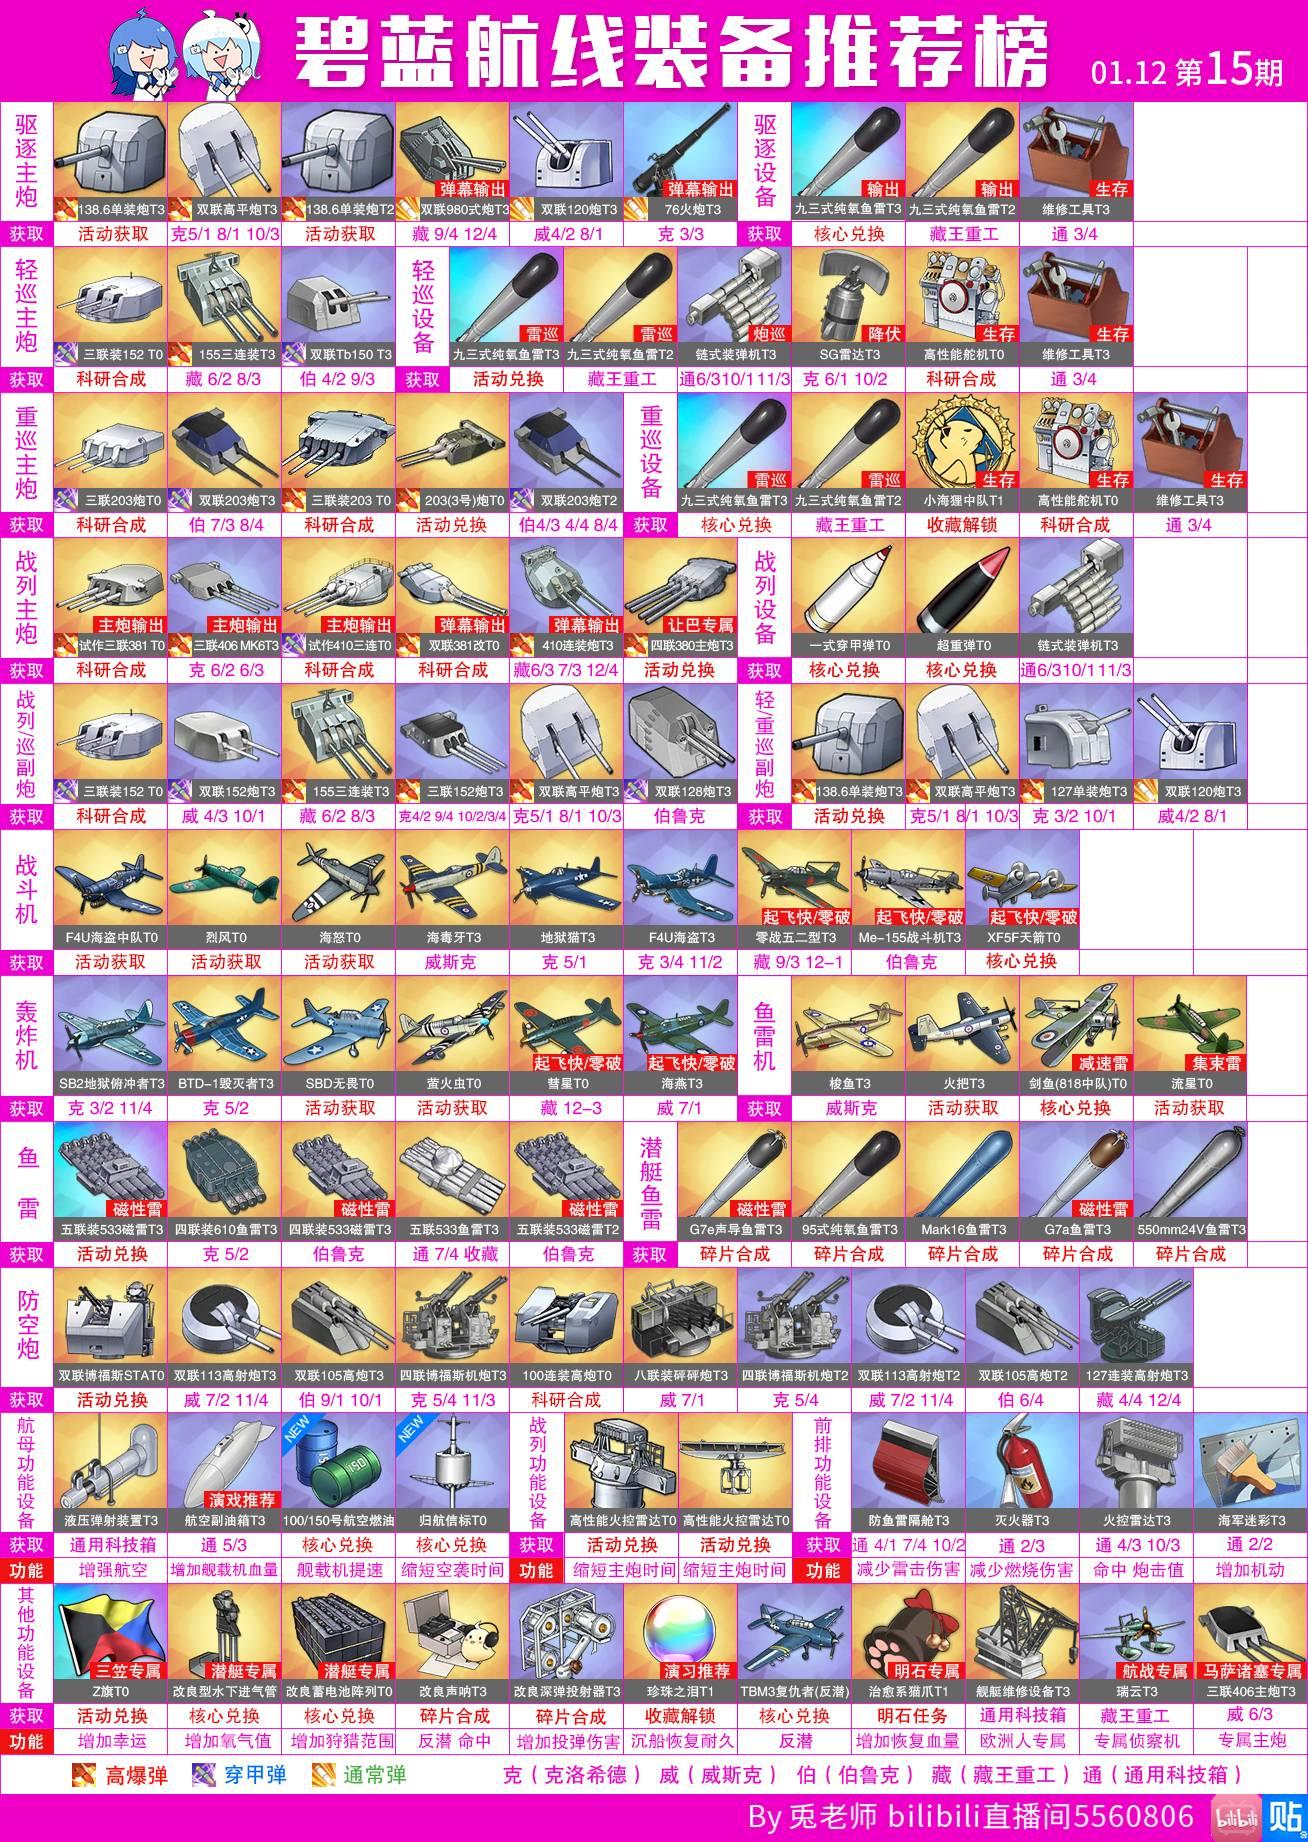 【アズレン】アズールレーン Part 2974 YouTube動画>4本 ->画像>140枚